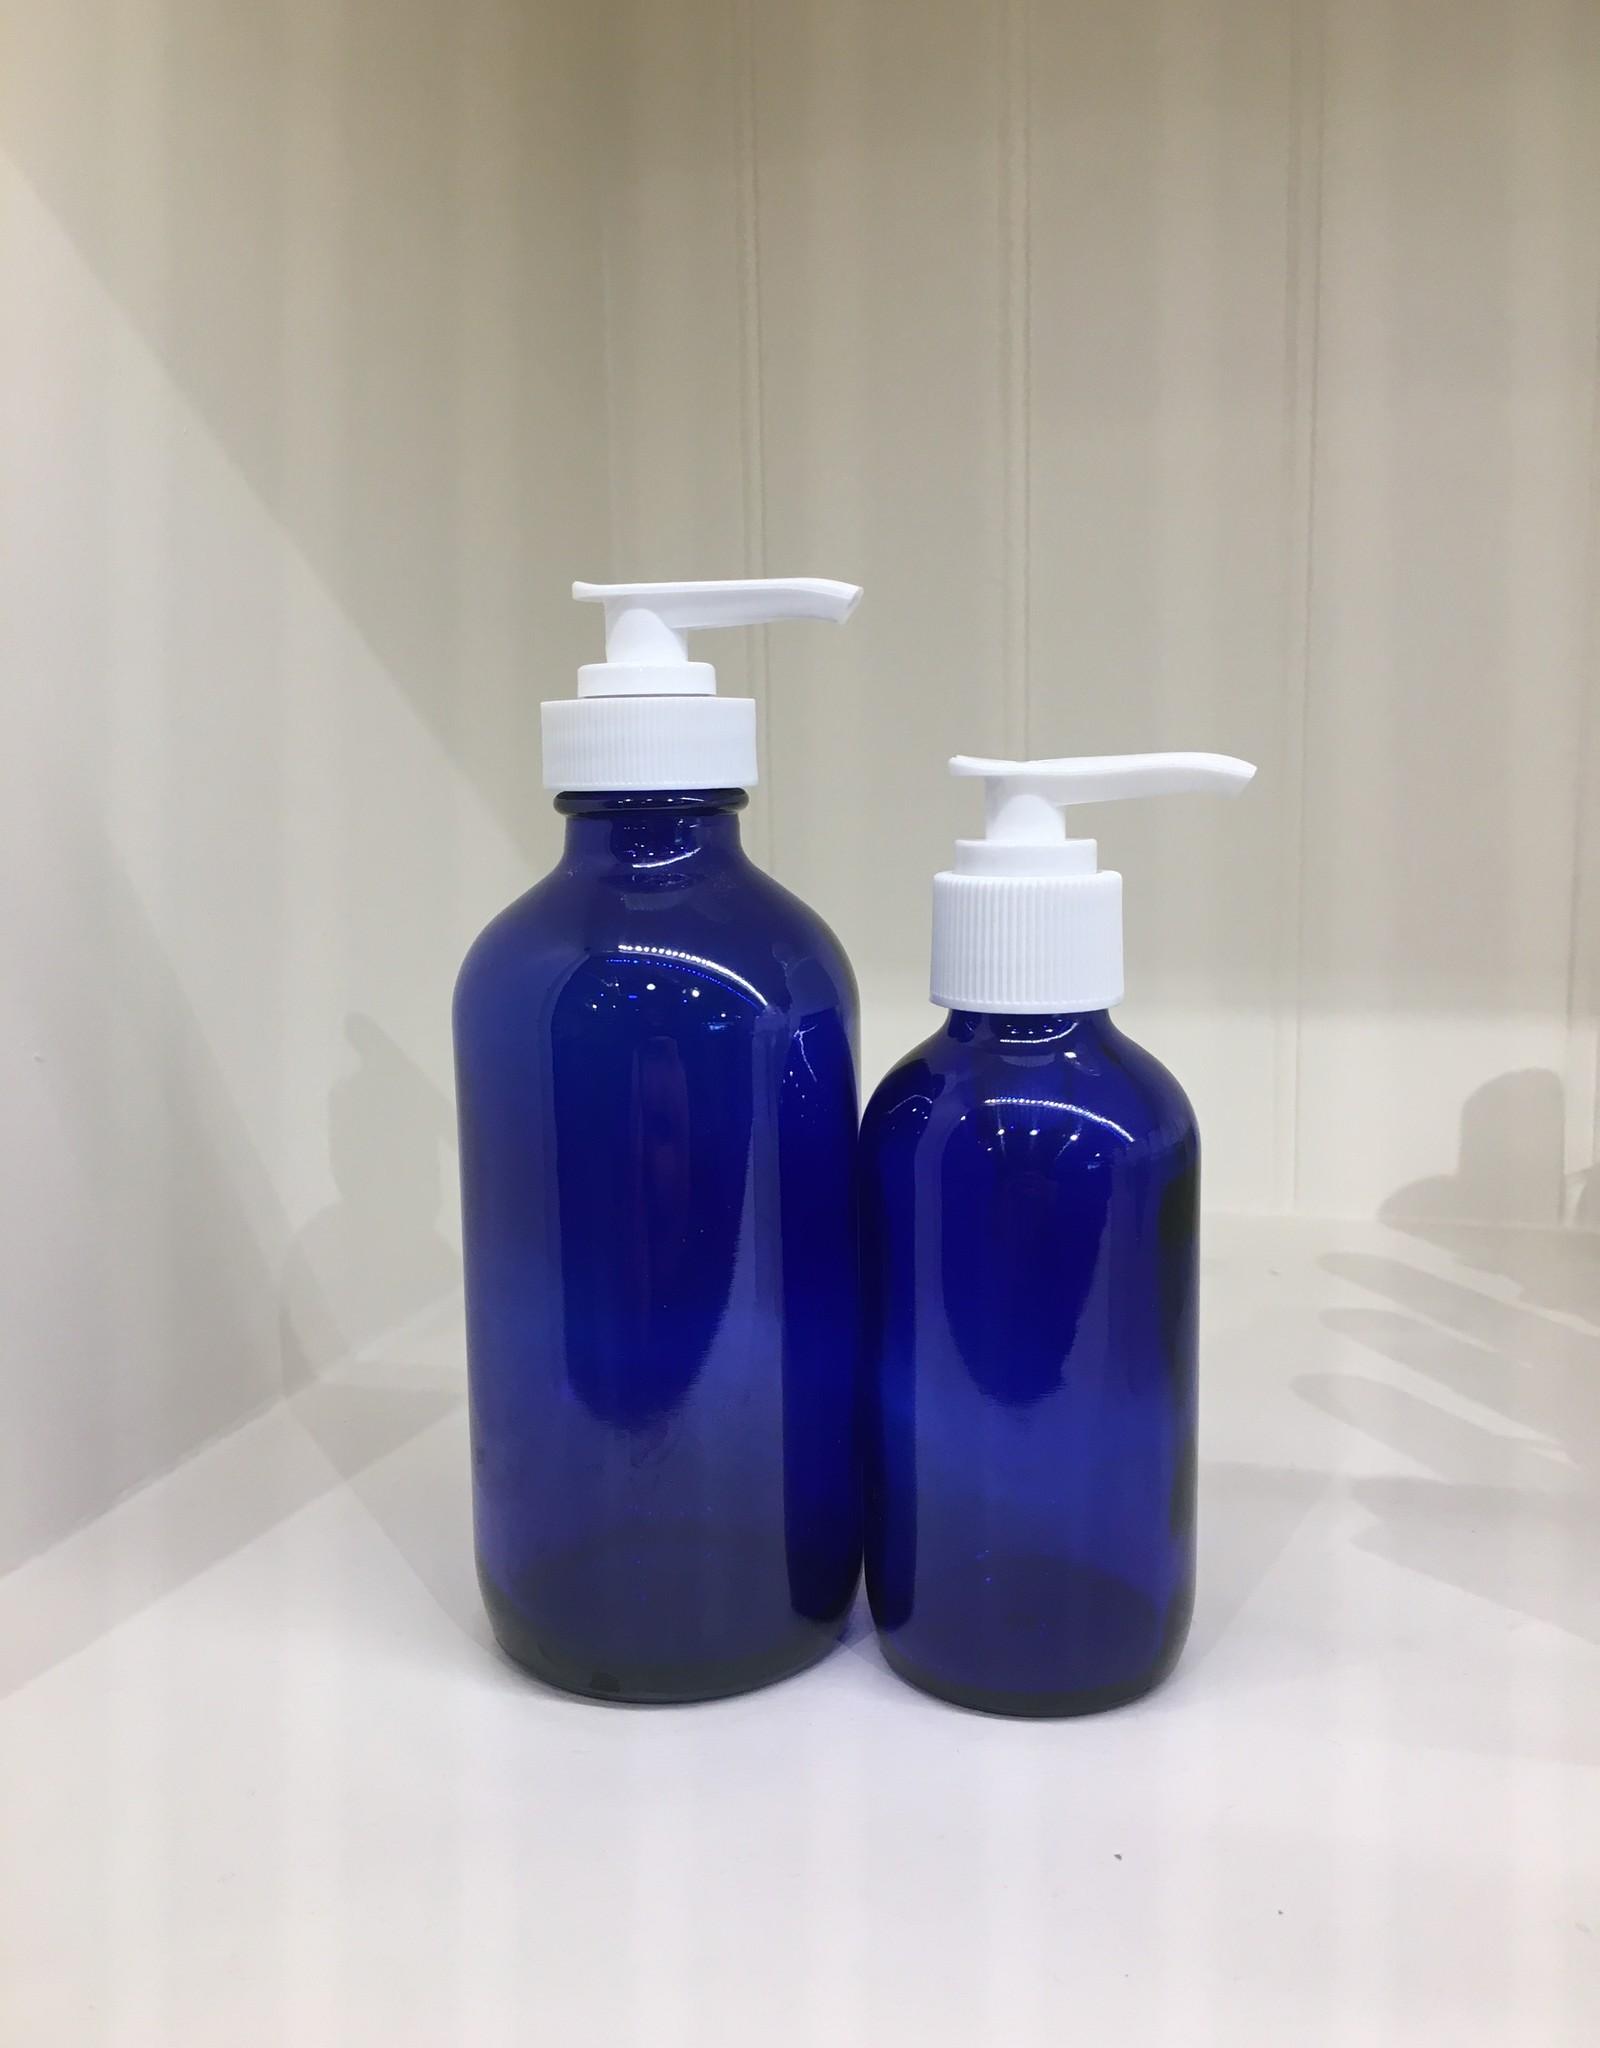 Bulk - St. John's Wort Body Lotion in Glass Bottle